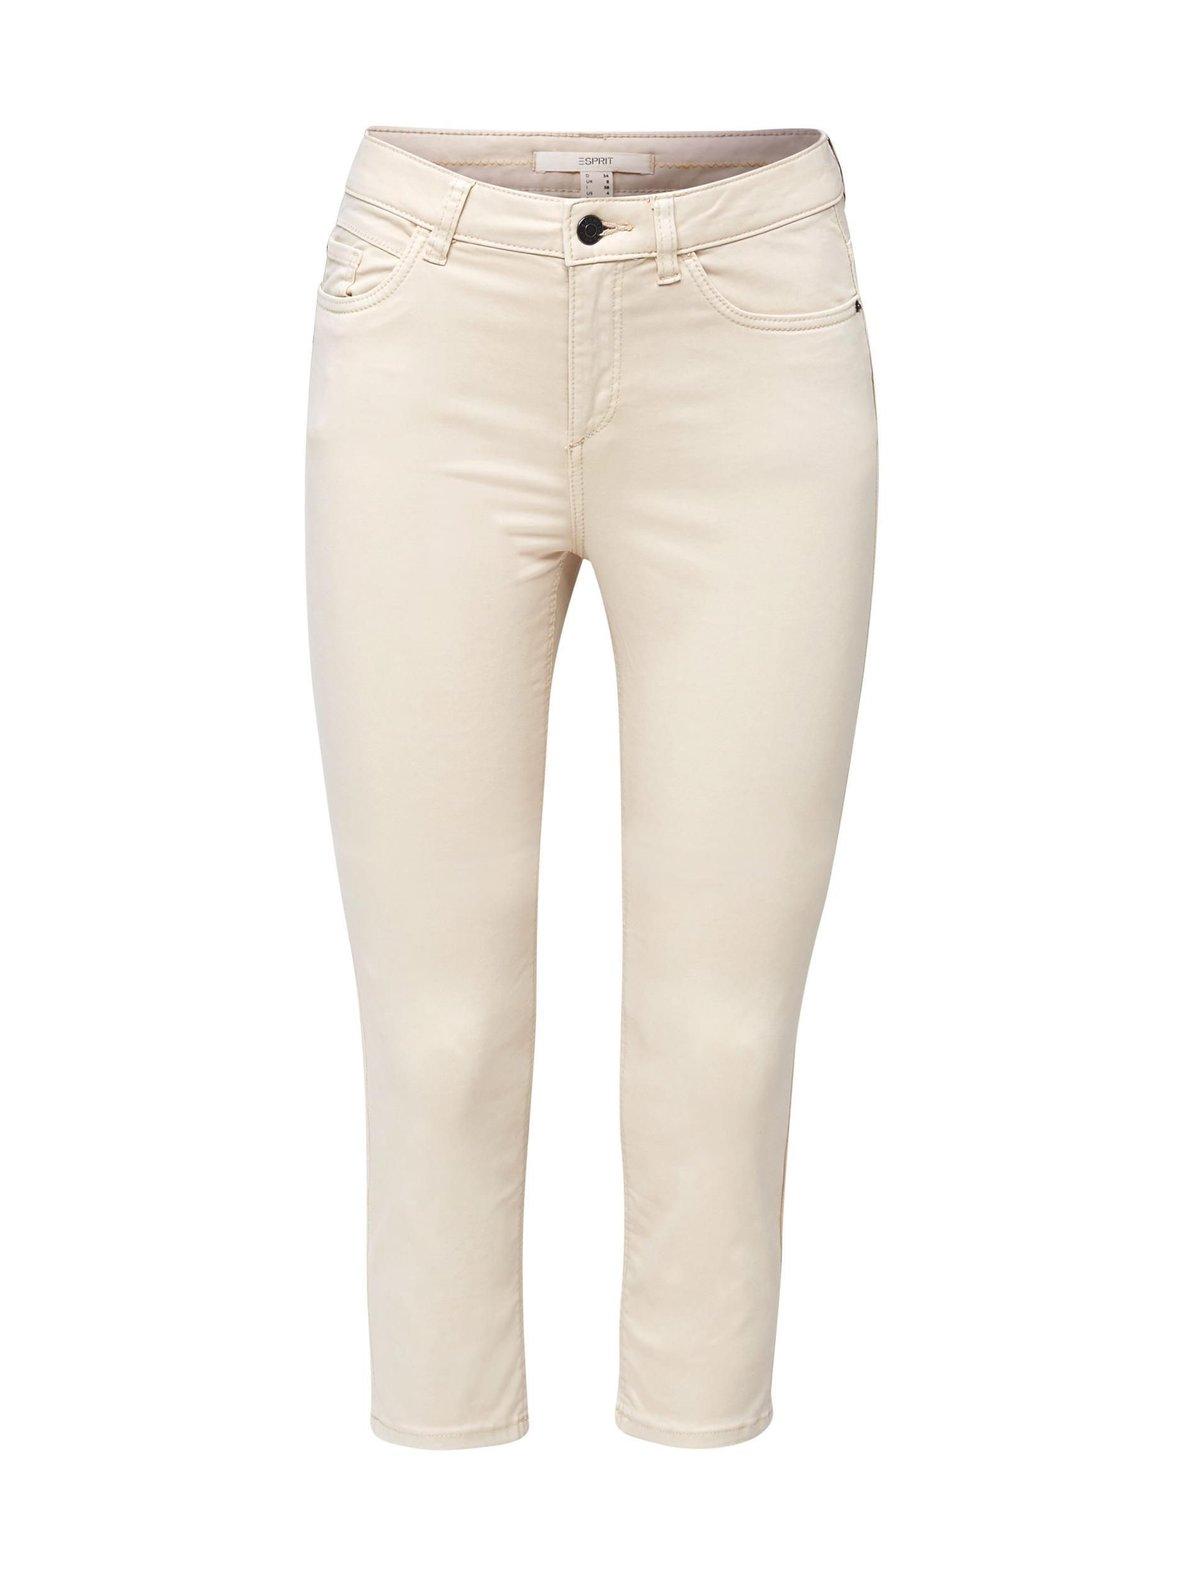 100 WHITE Esprit Capri housut   3422   Naiset   Stockmann